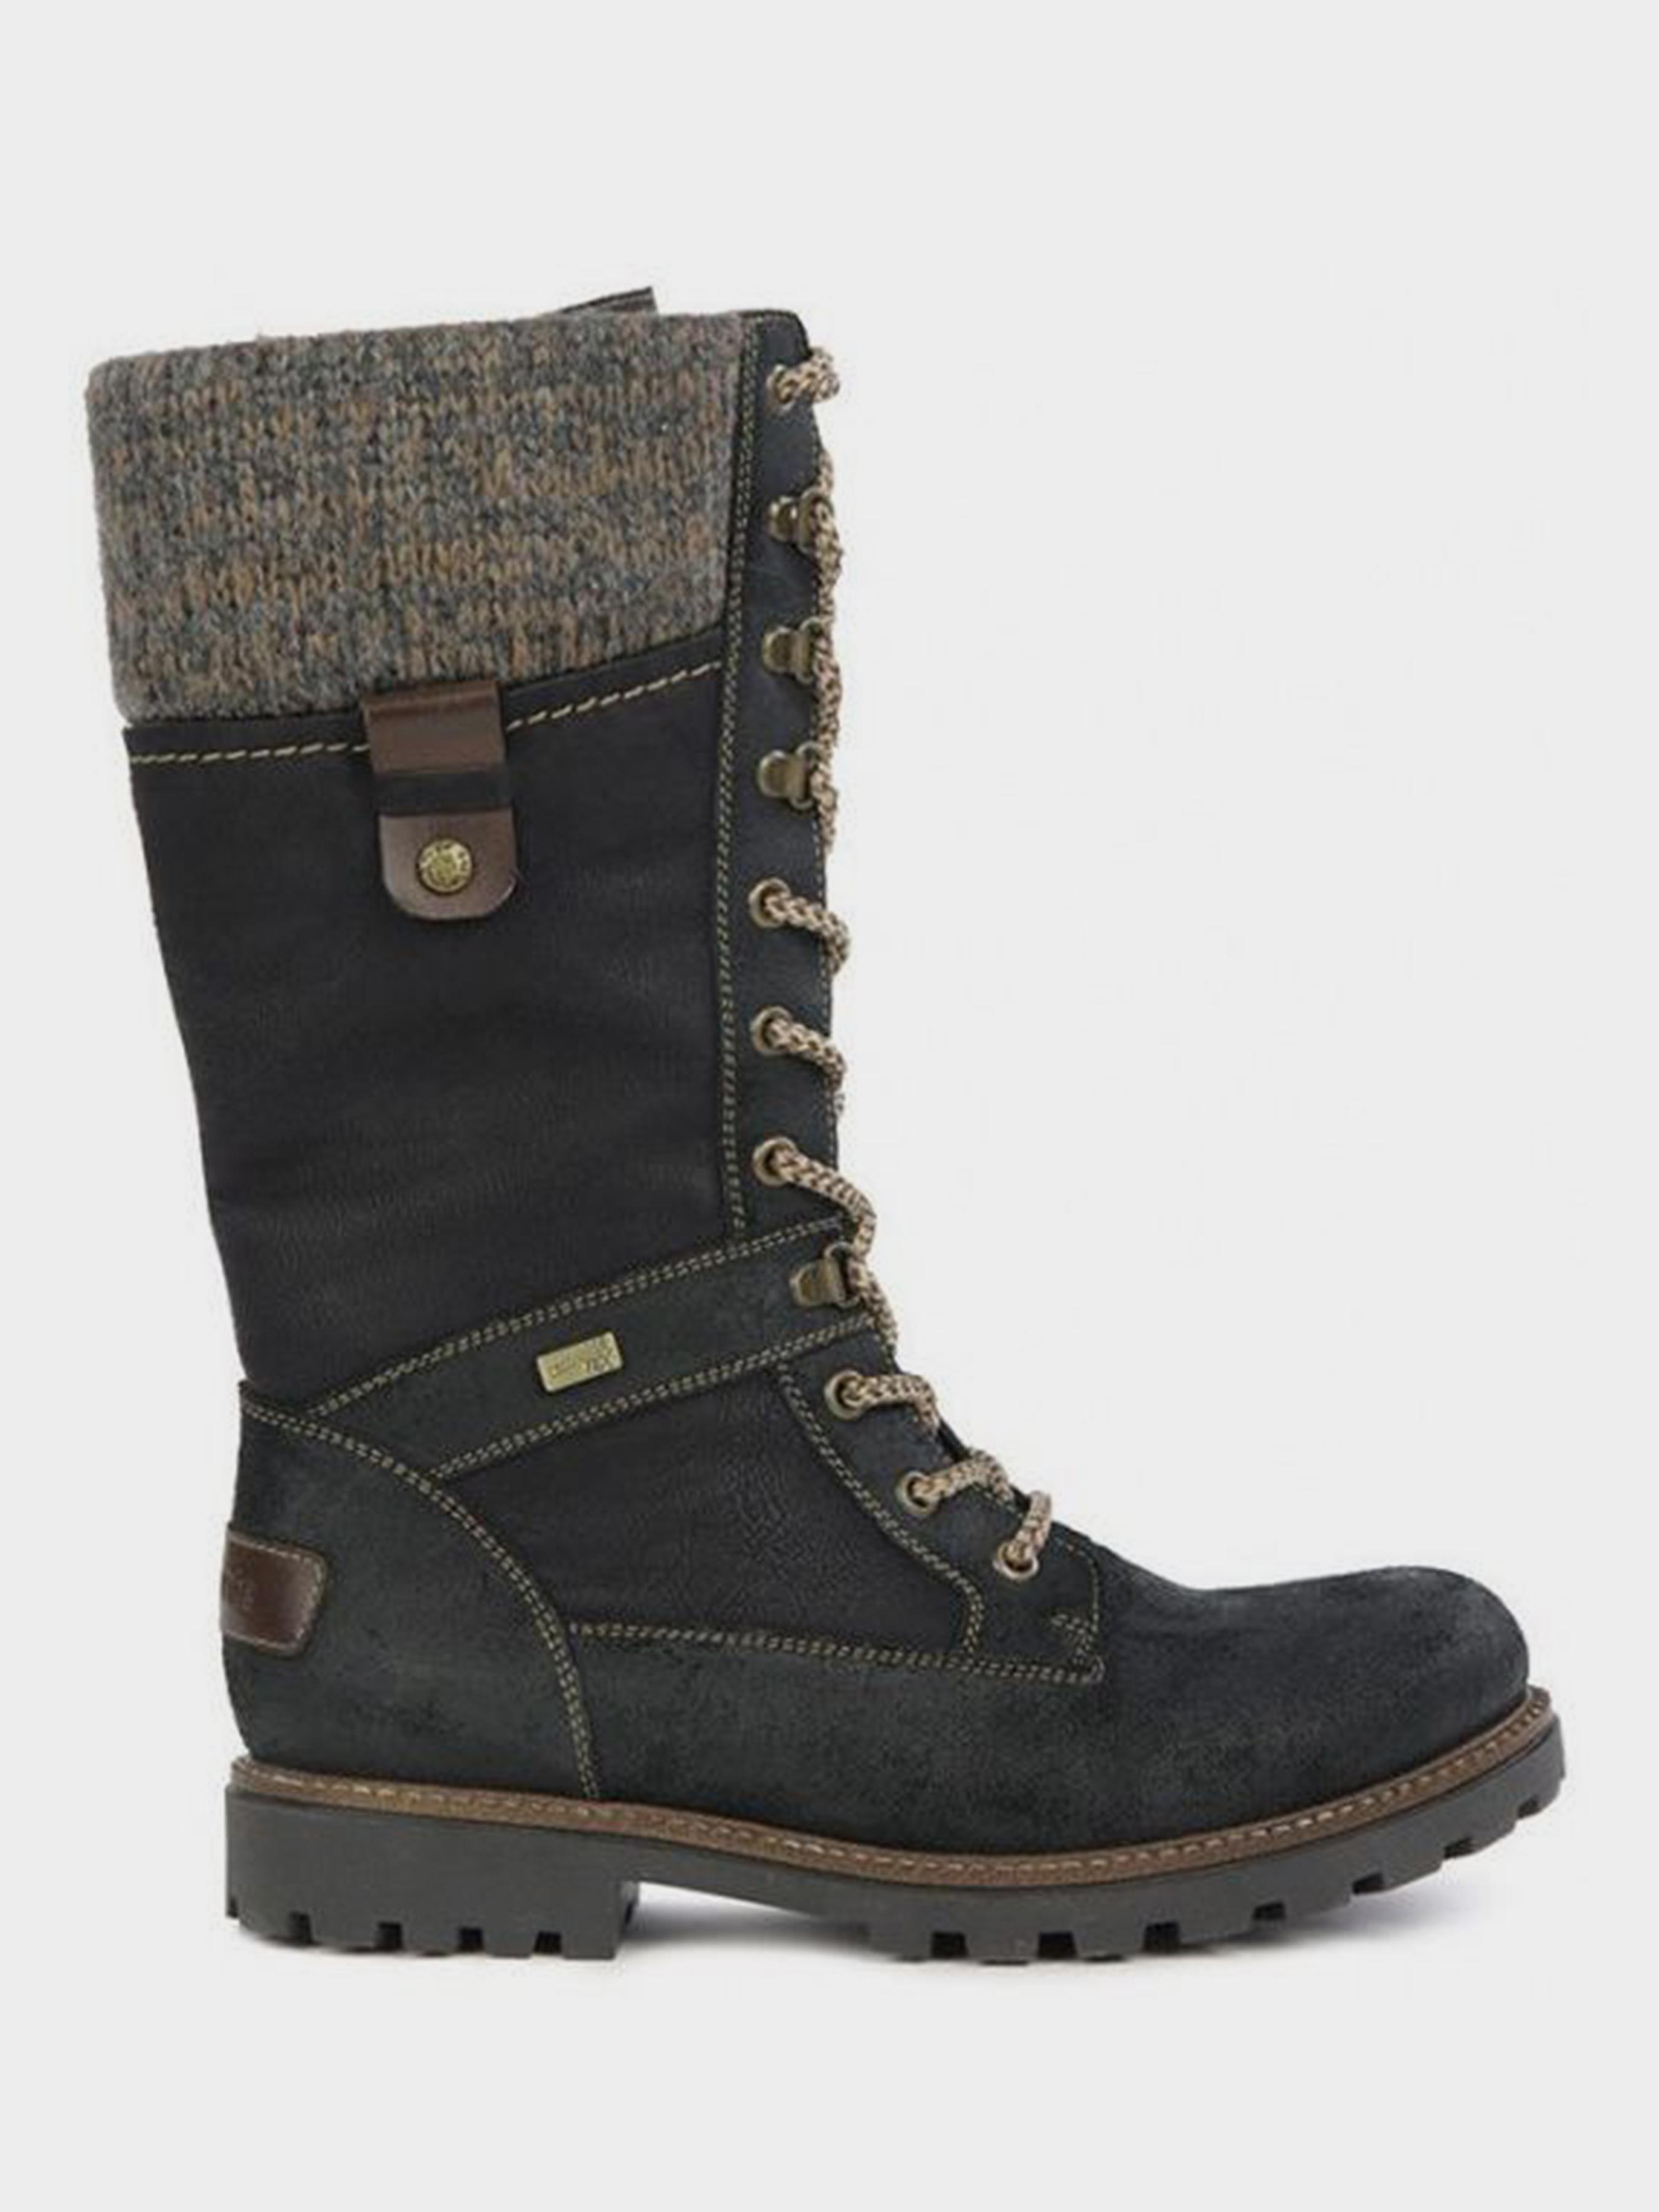 Купить Сапоги женские Remonte чоботи жін. (36-41) RD23, Черный